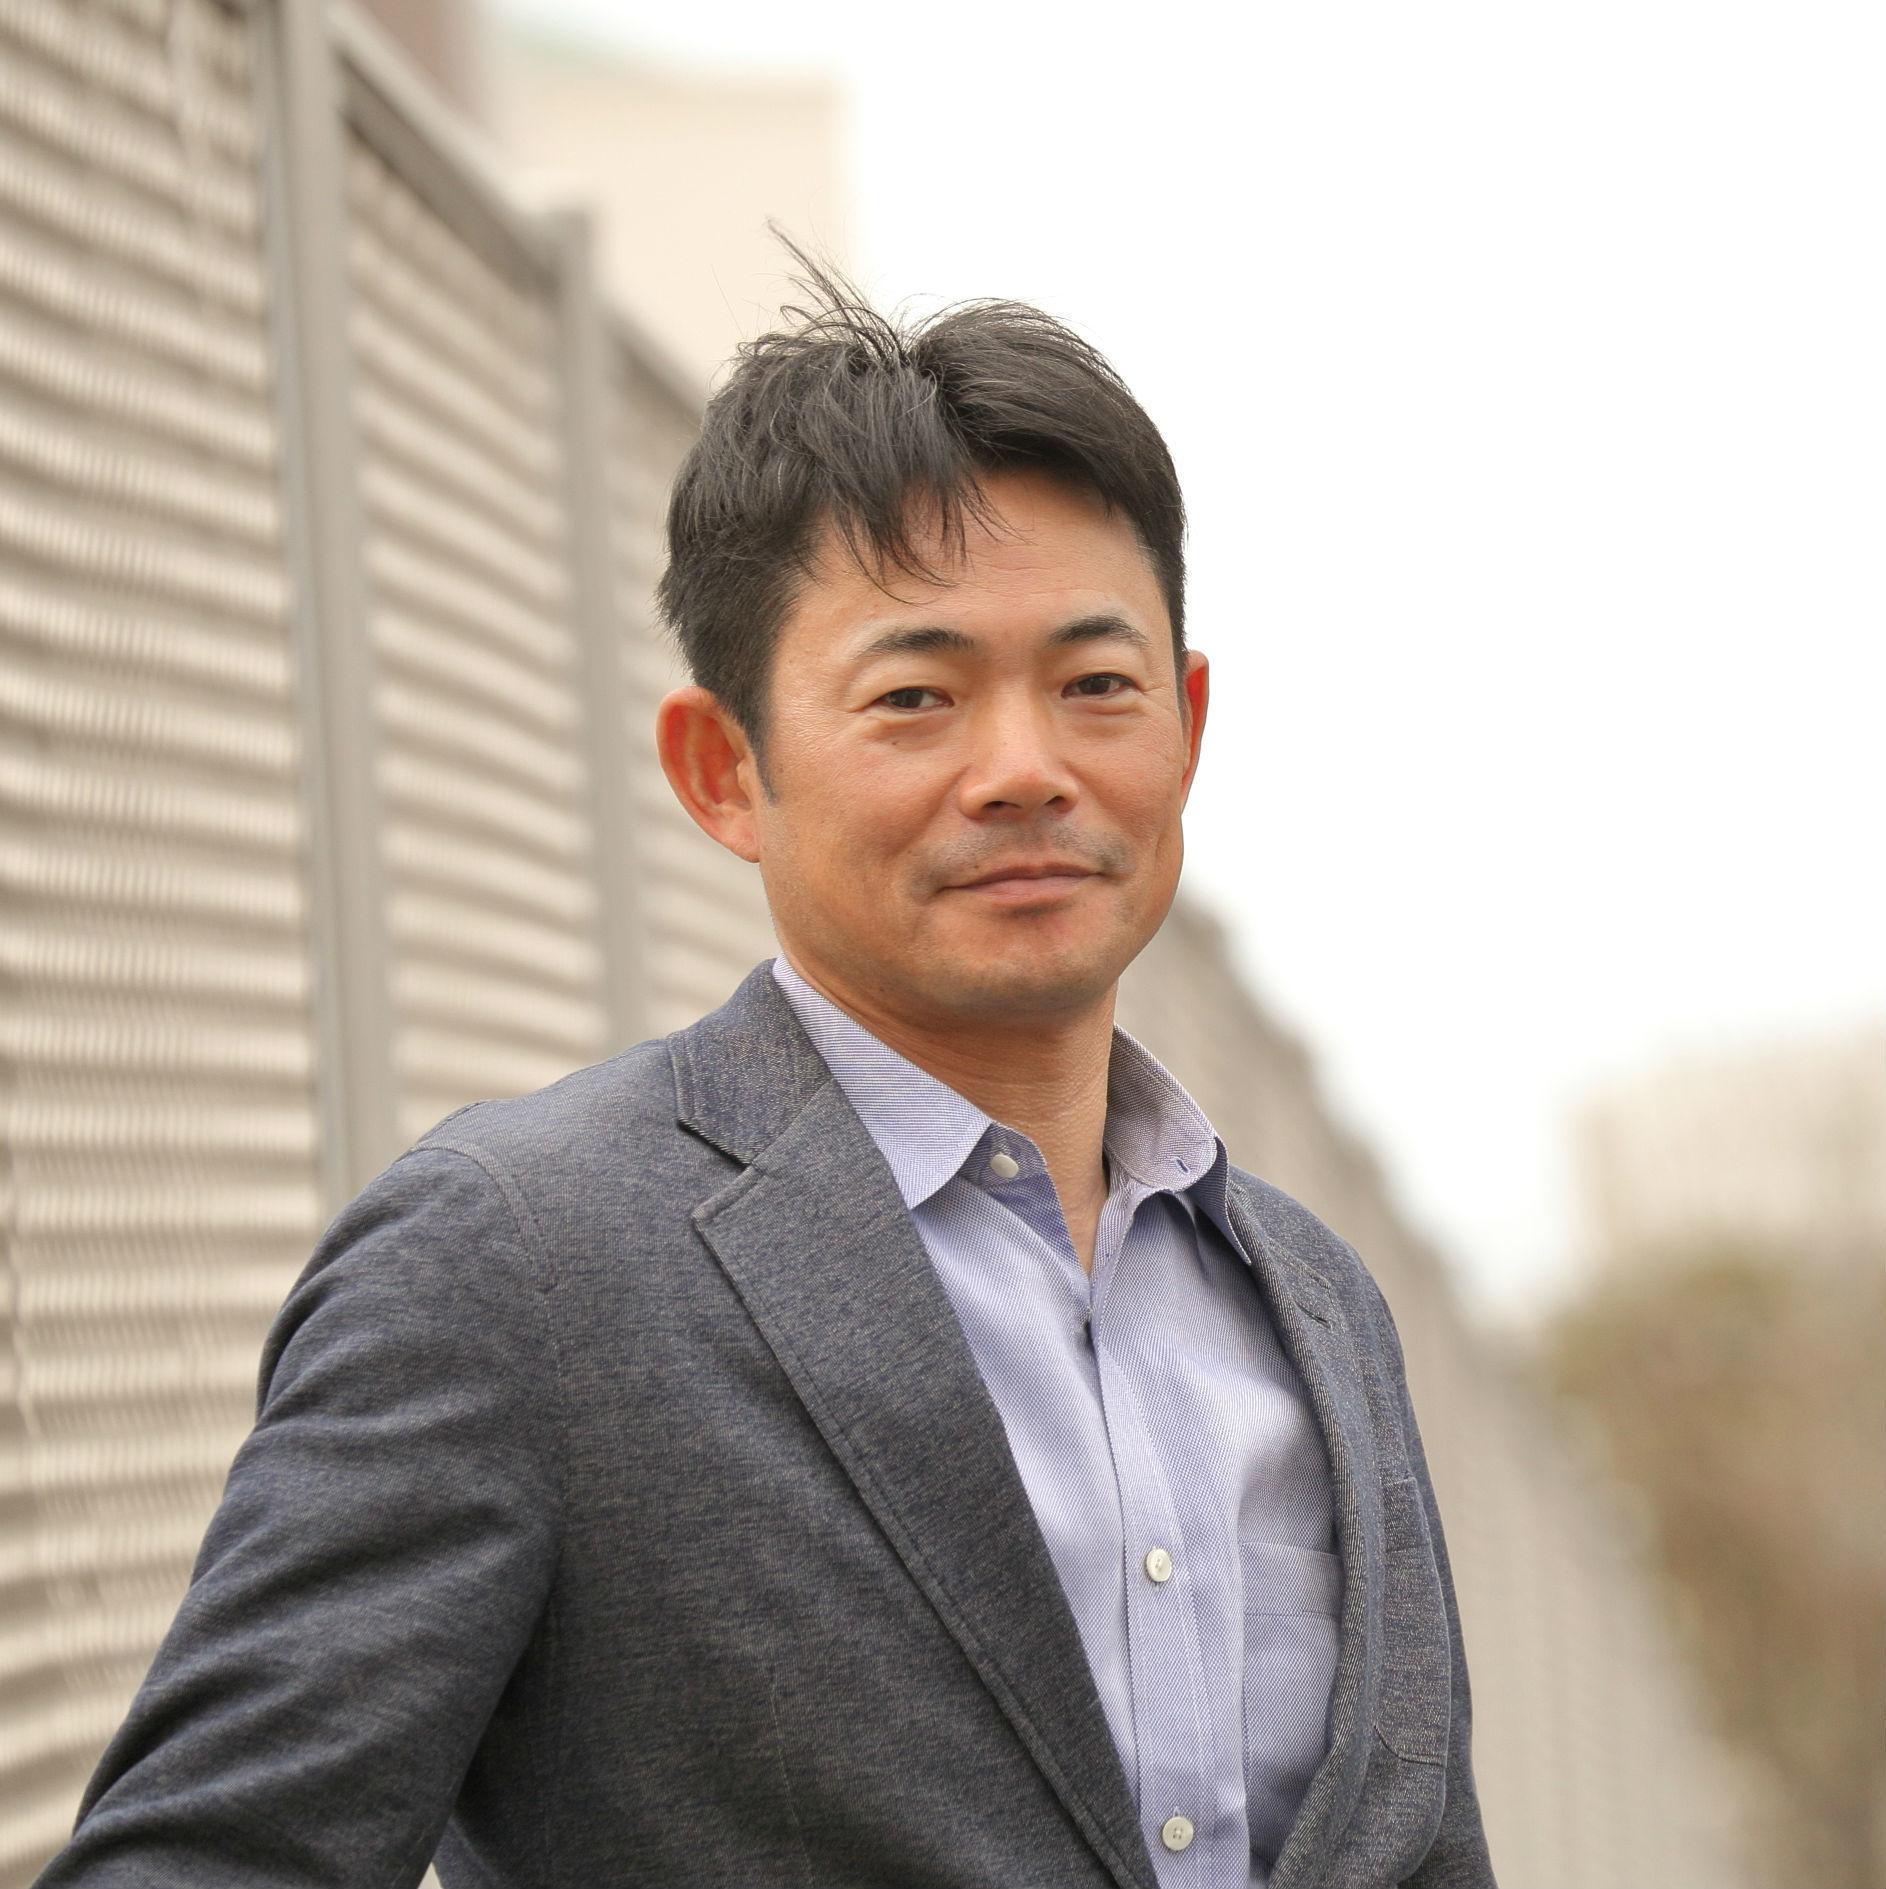 「良くも悪くも常総・木内野球が野球人生の核」仁志敏久氏の回顧